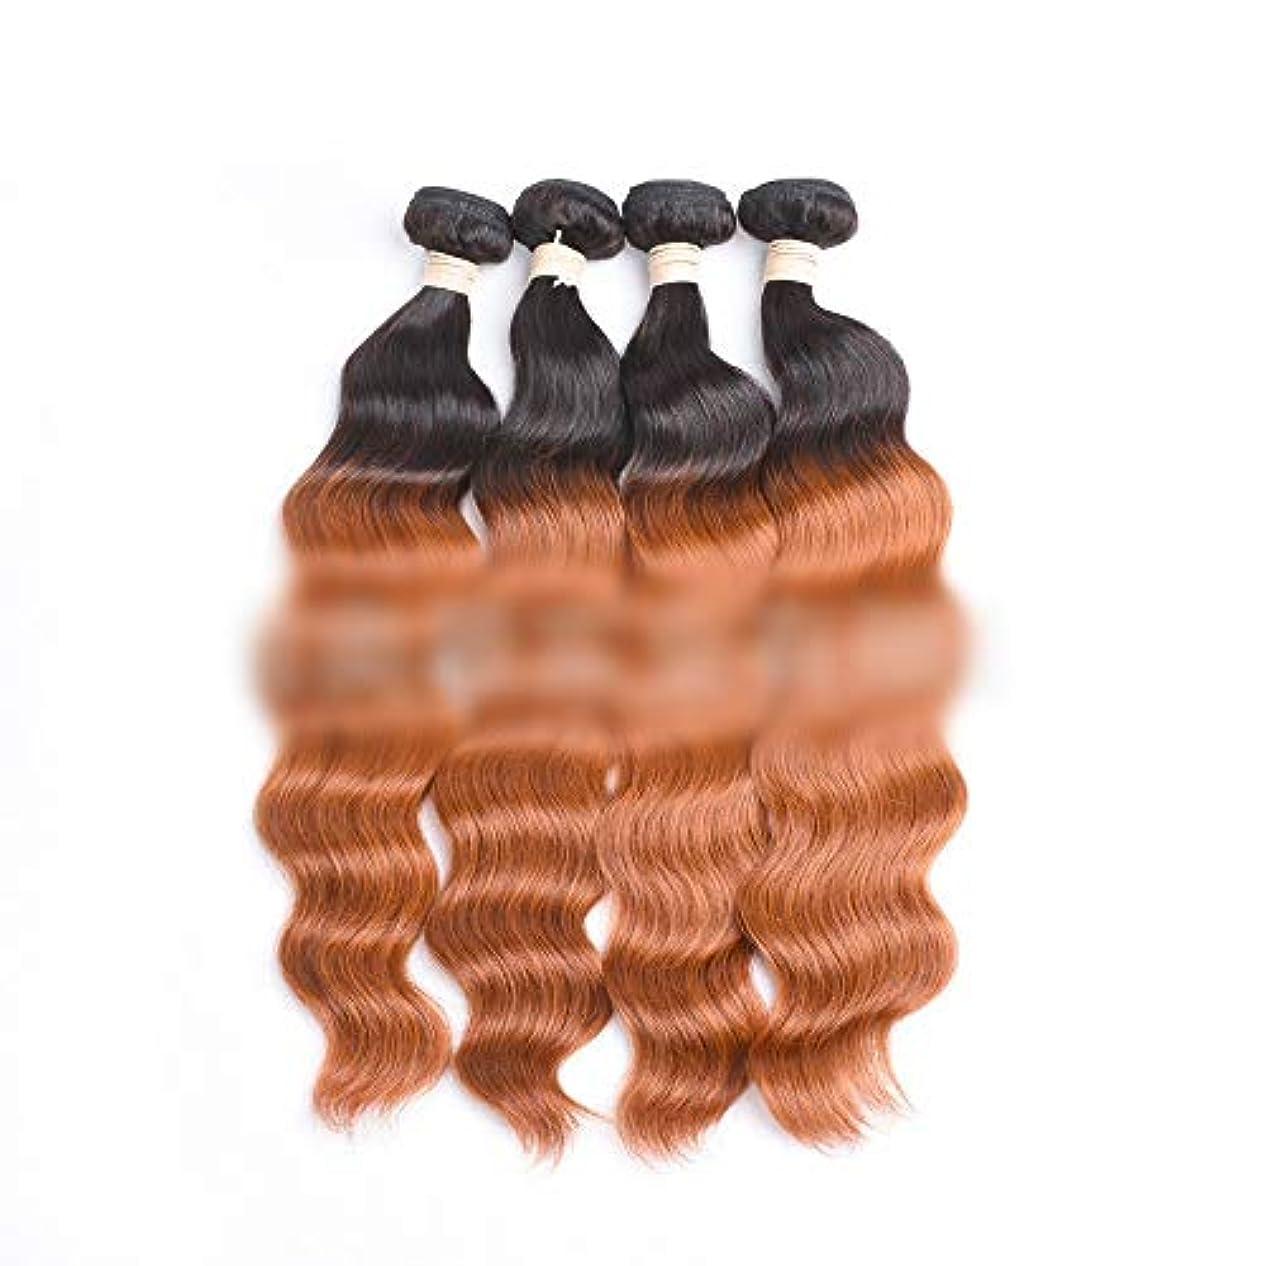 痛い眠っている菊HOHYLLYA ブラジルのオーシャンウェーブヘア1バンドル未処理の人間の髪の毛の拡張子 - #30明るい茶色の色ロールプレイングかつら女性の自然なかつら (色 : ブラウン, サイズ : 14 inch)